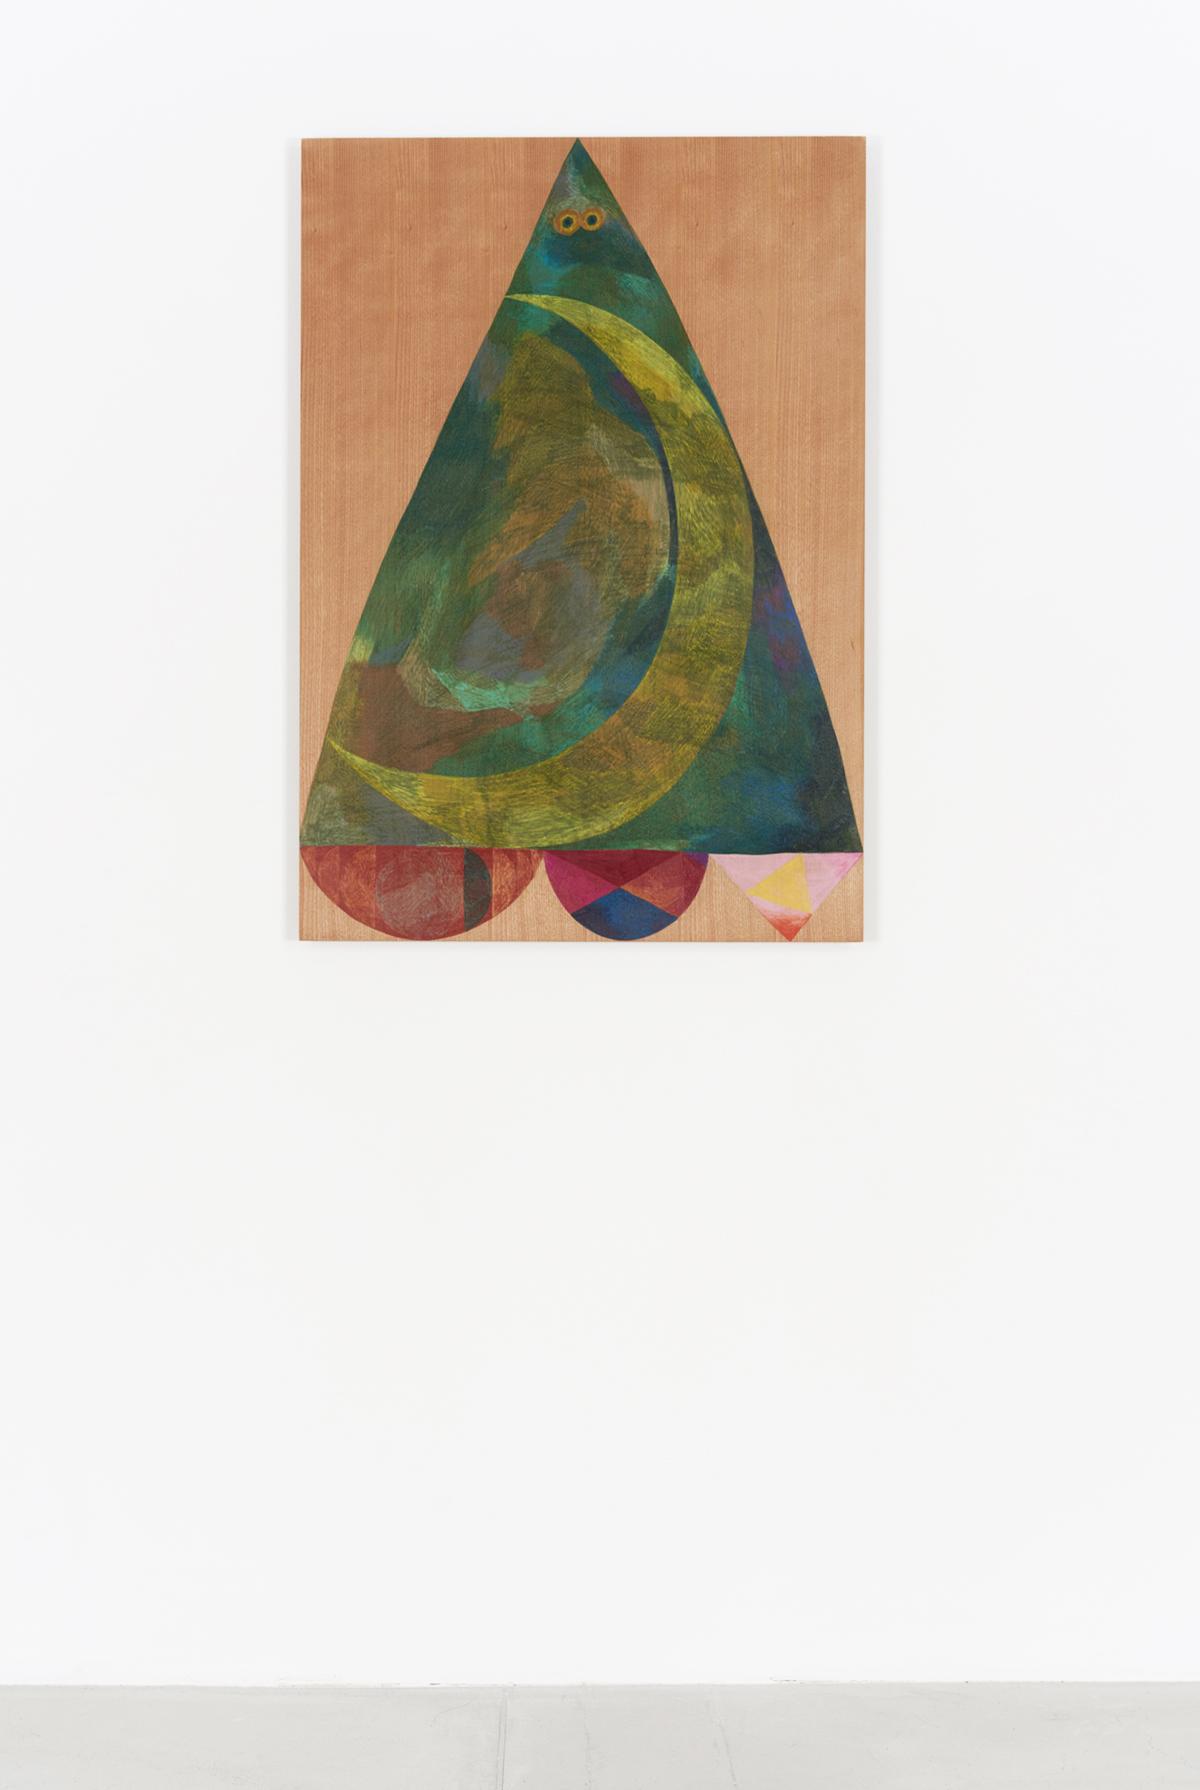 The Crescent  ,  2017  84.1m x 59.5cm  Colour pencils on wood